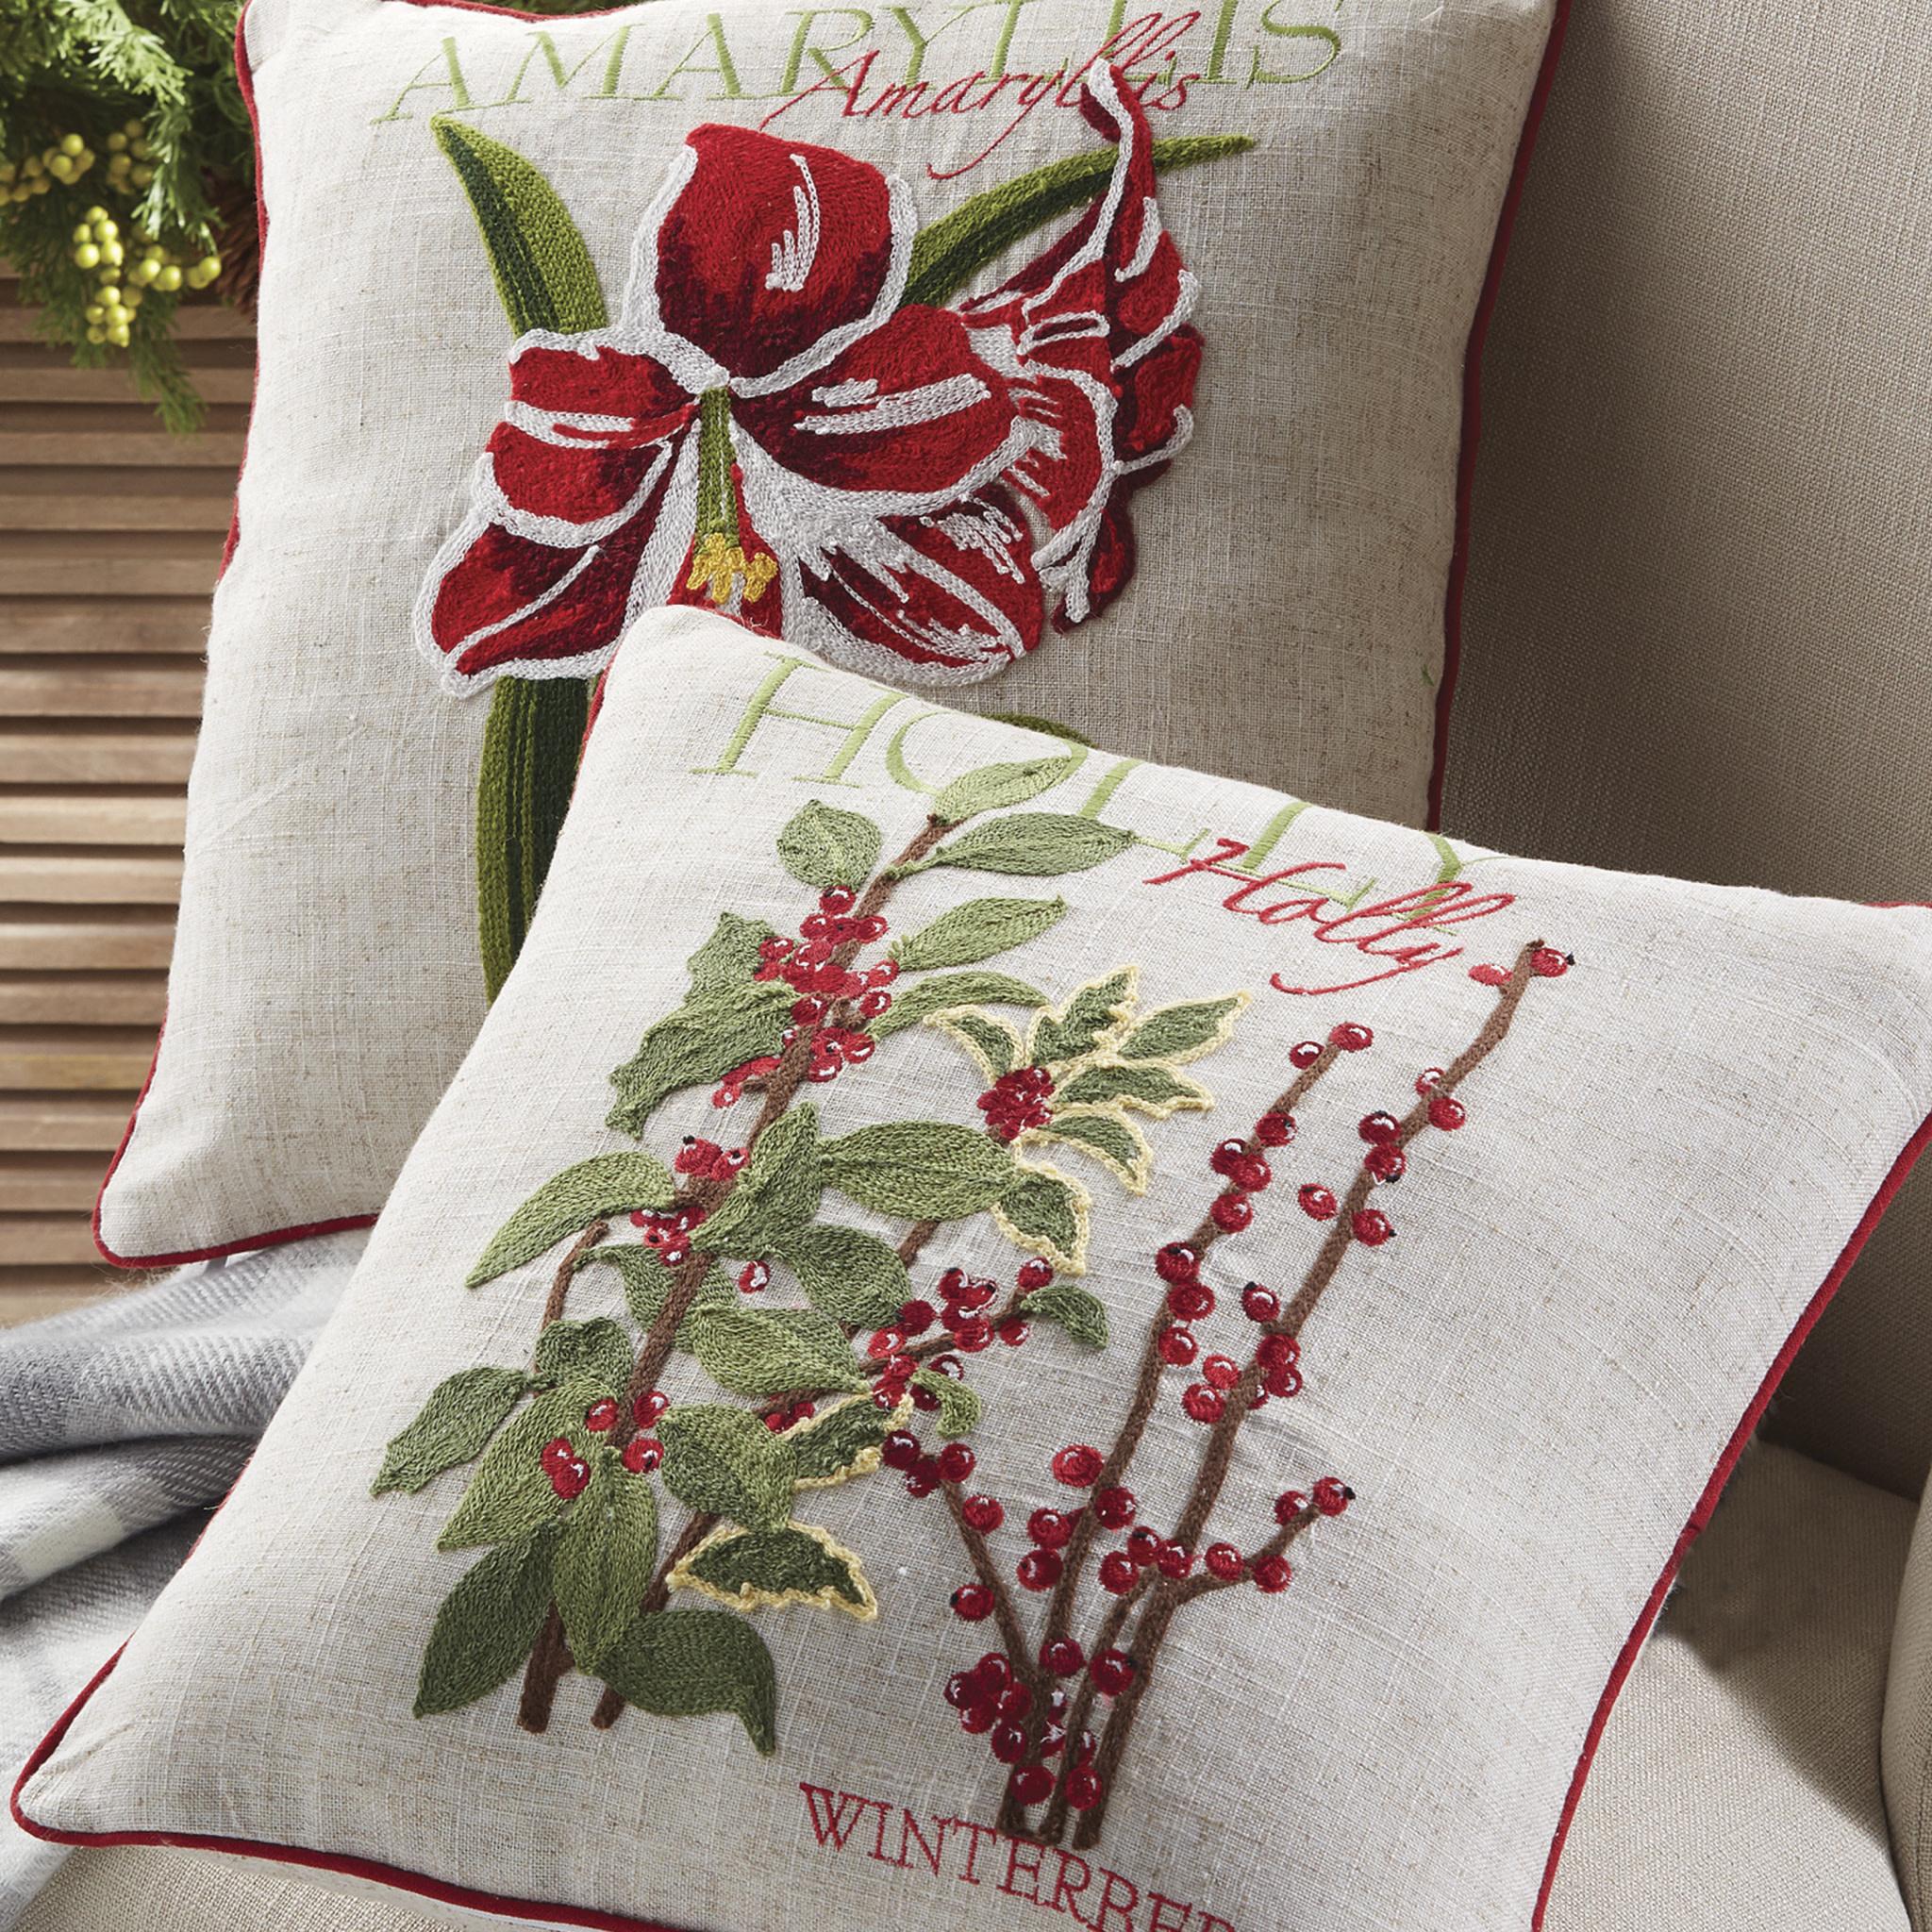 Christmas Pillows.Botanical Embroidered Pillow High Quality Christmas Pillows